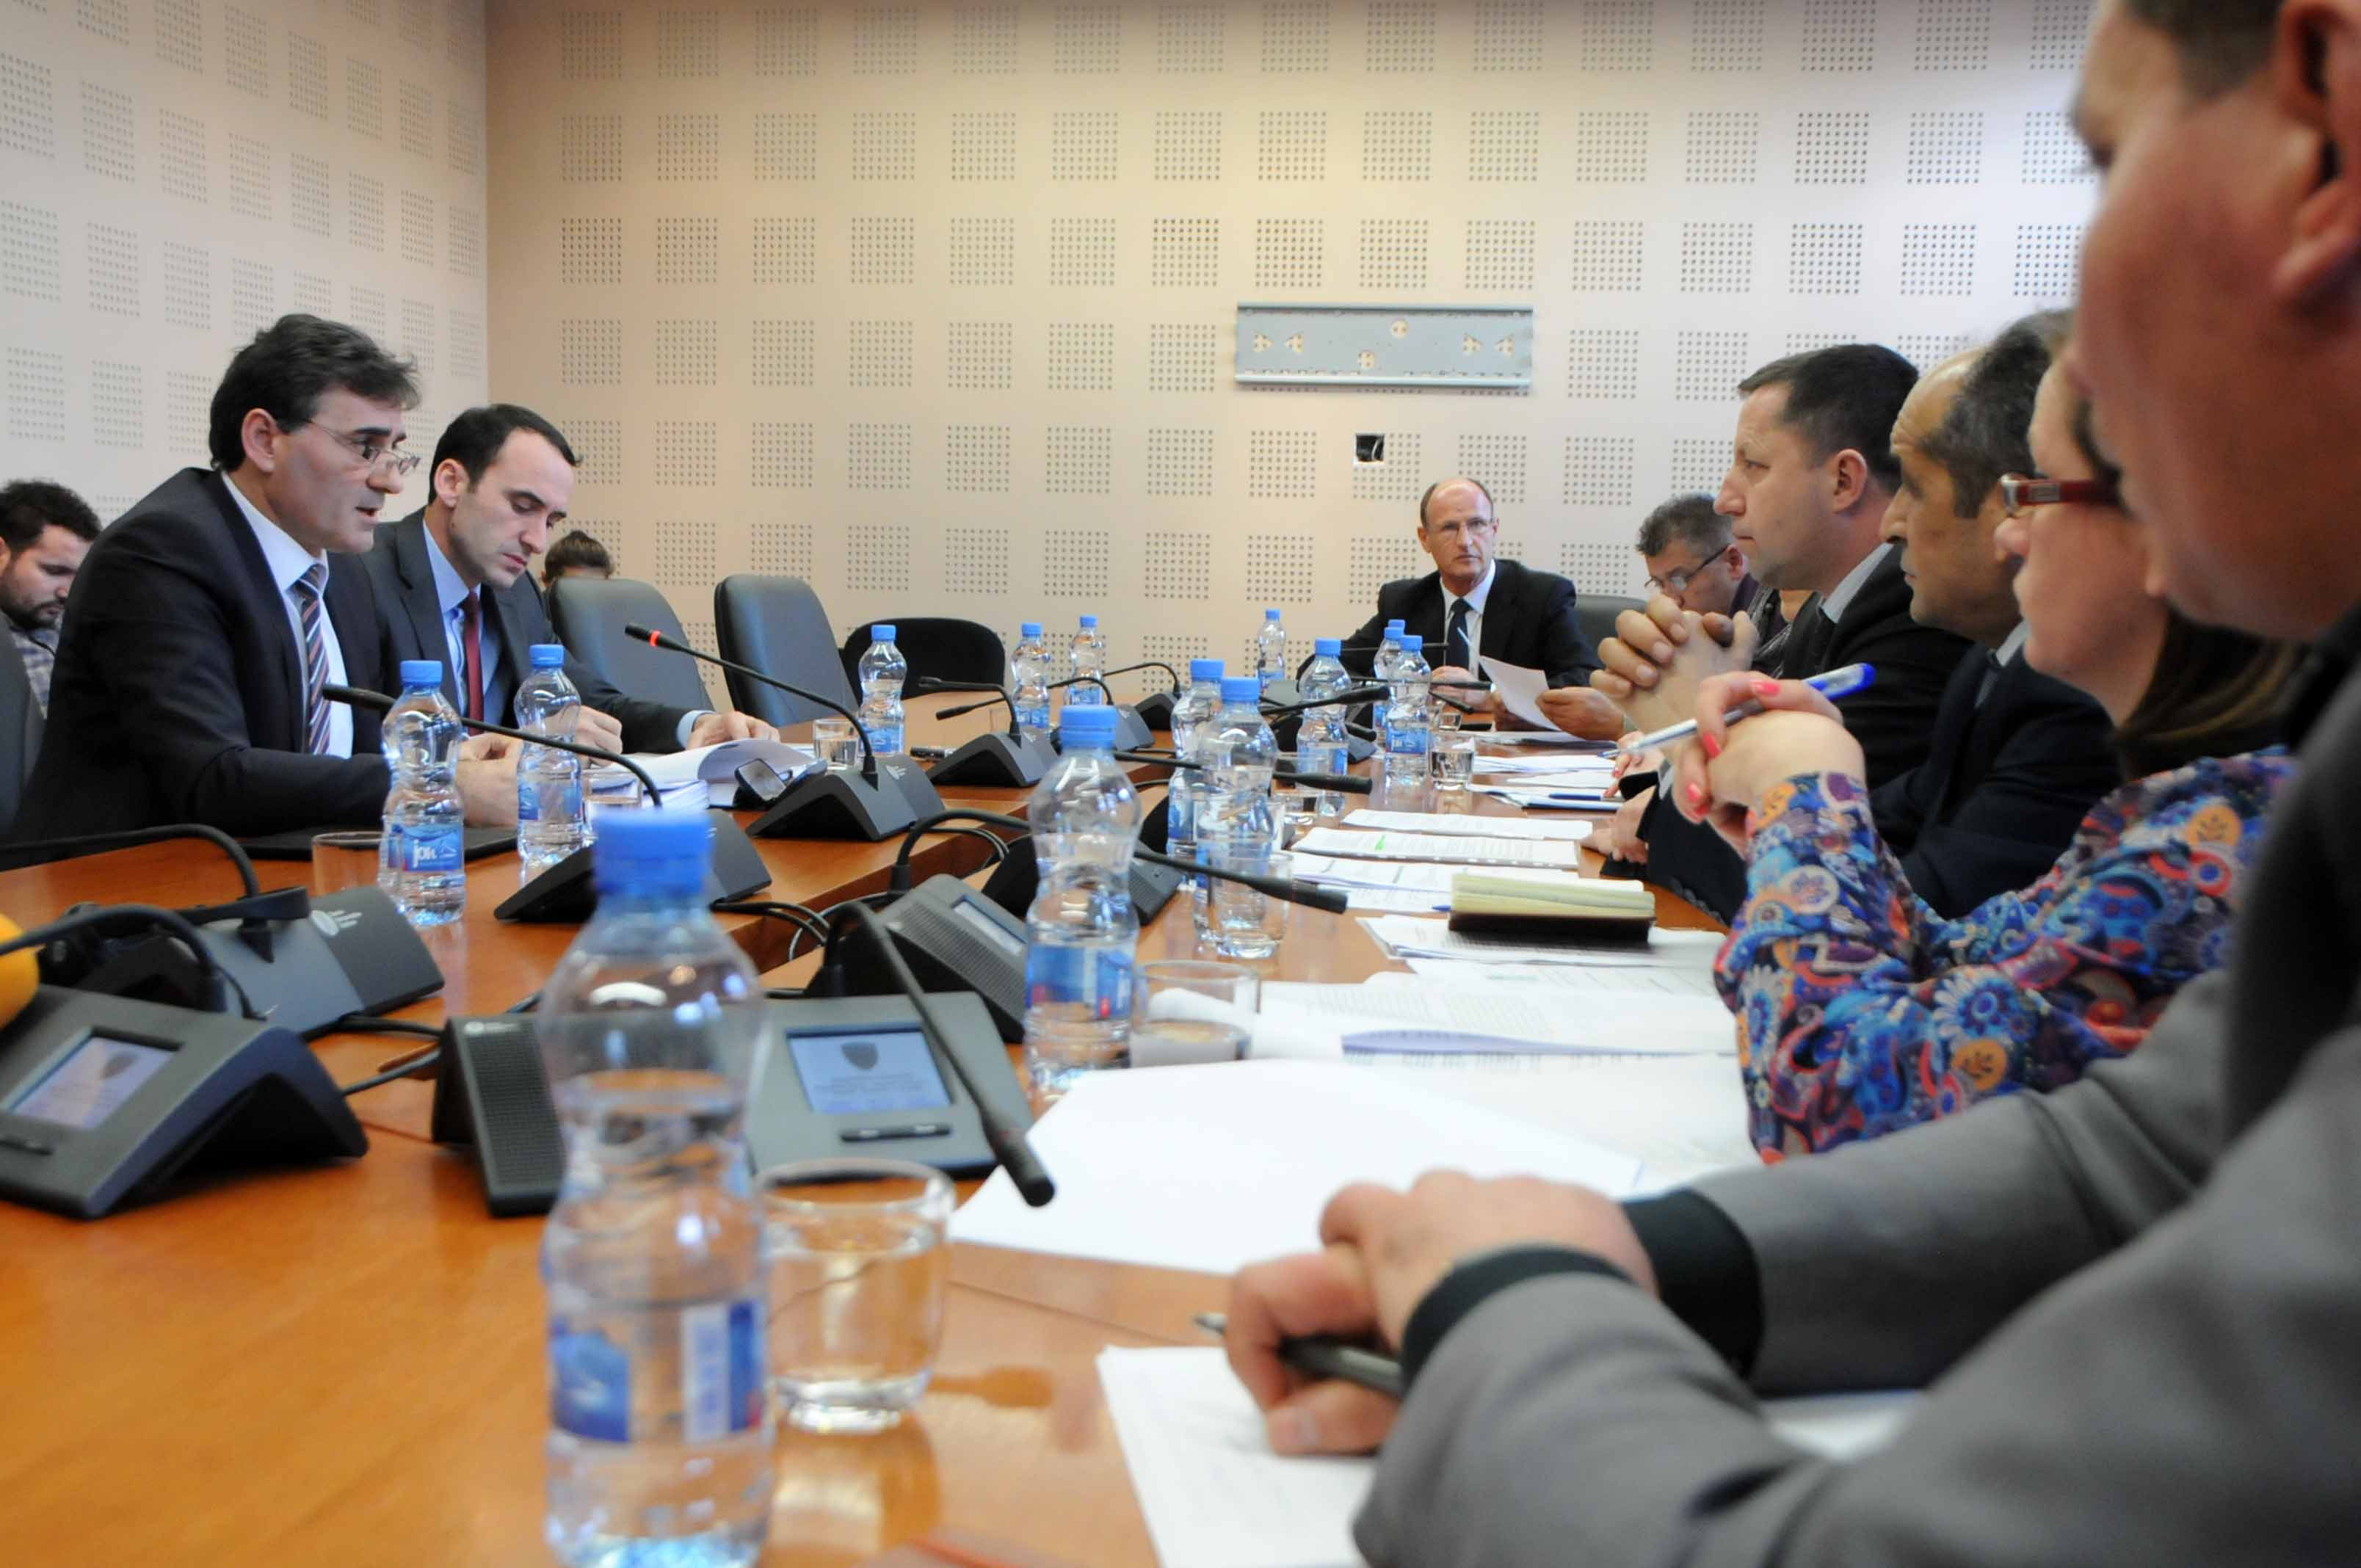 Nuk aprovohen rekomandimet e Presidentit nga Komisioni për Administratë Publike